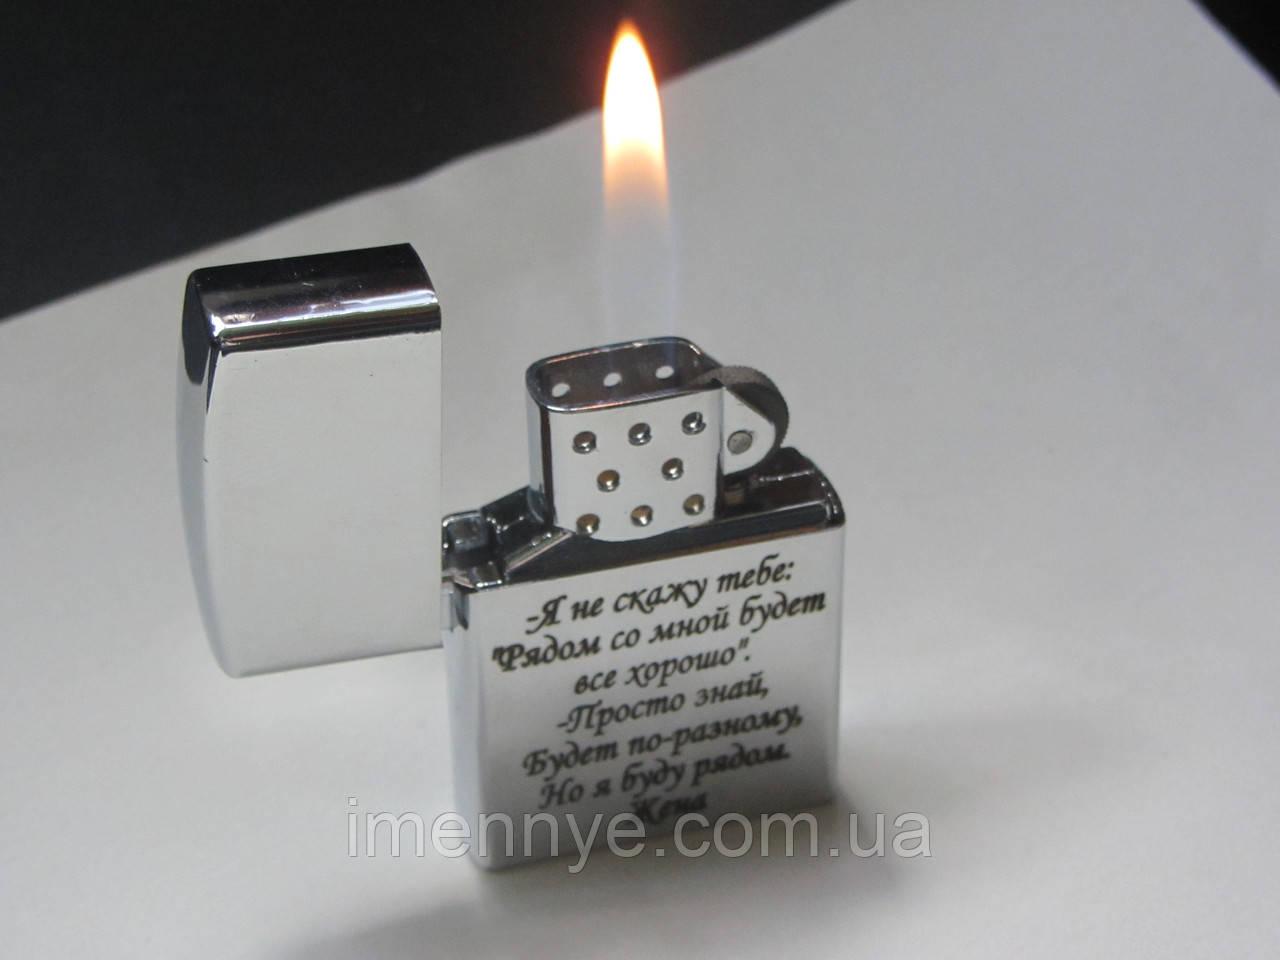 Лазерная гравировка на подарочной зажигалке наподобие zippo